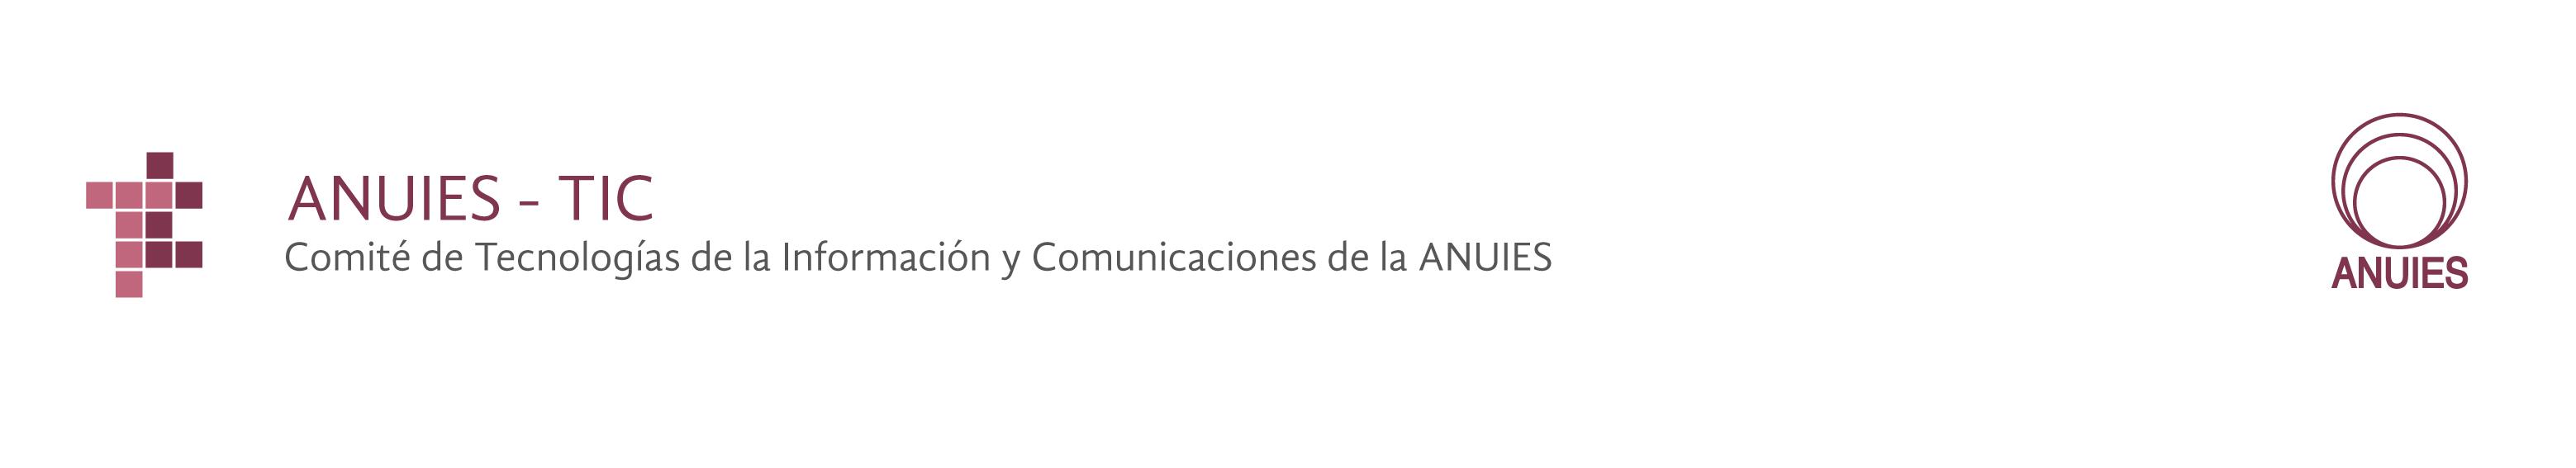 ANUIES-TIC